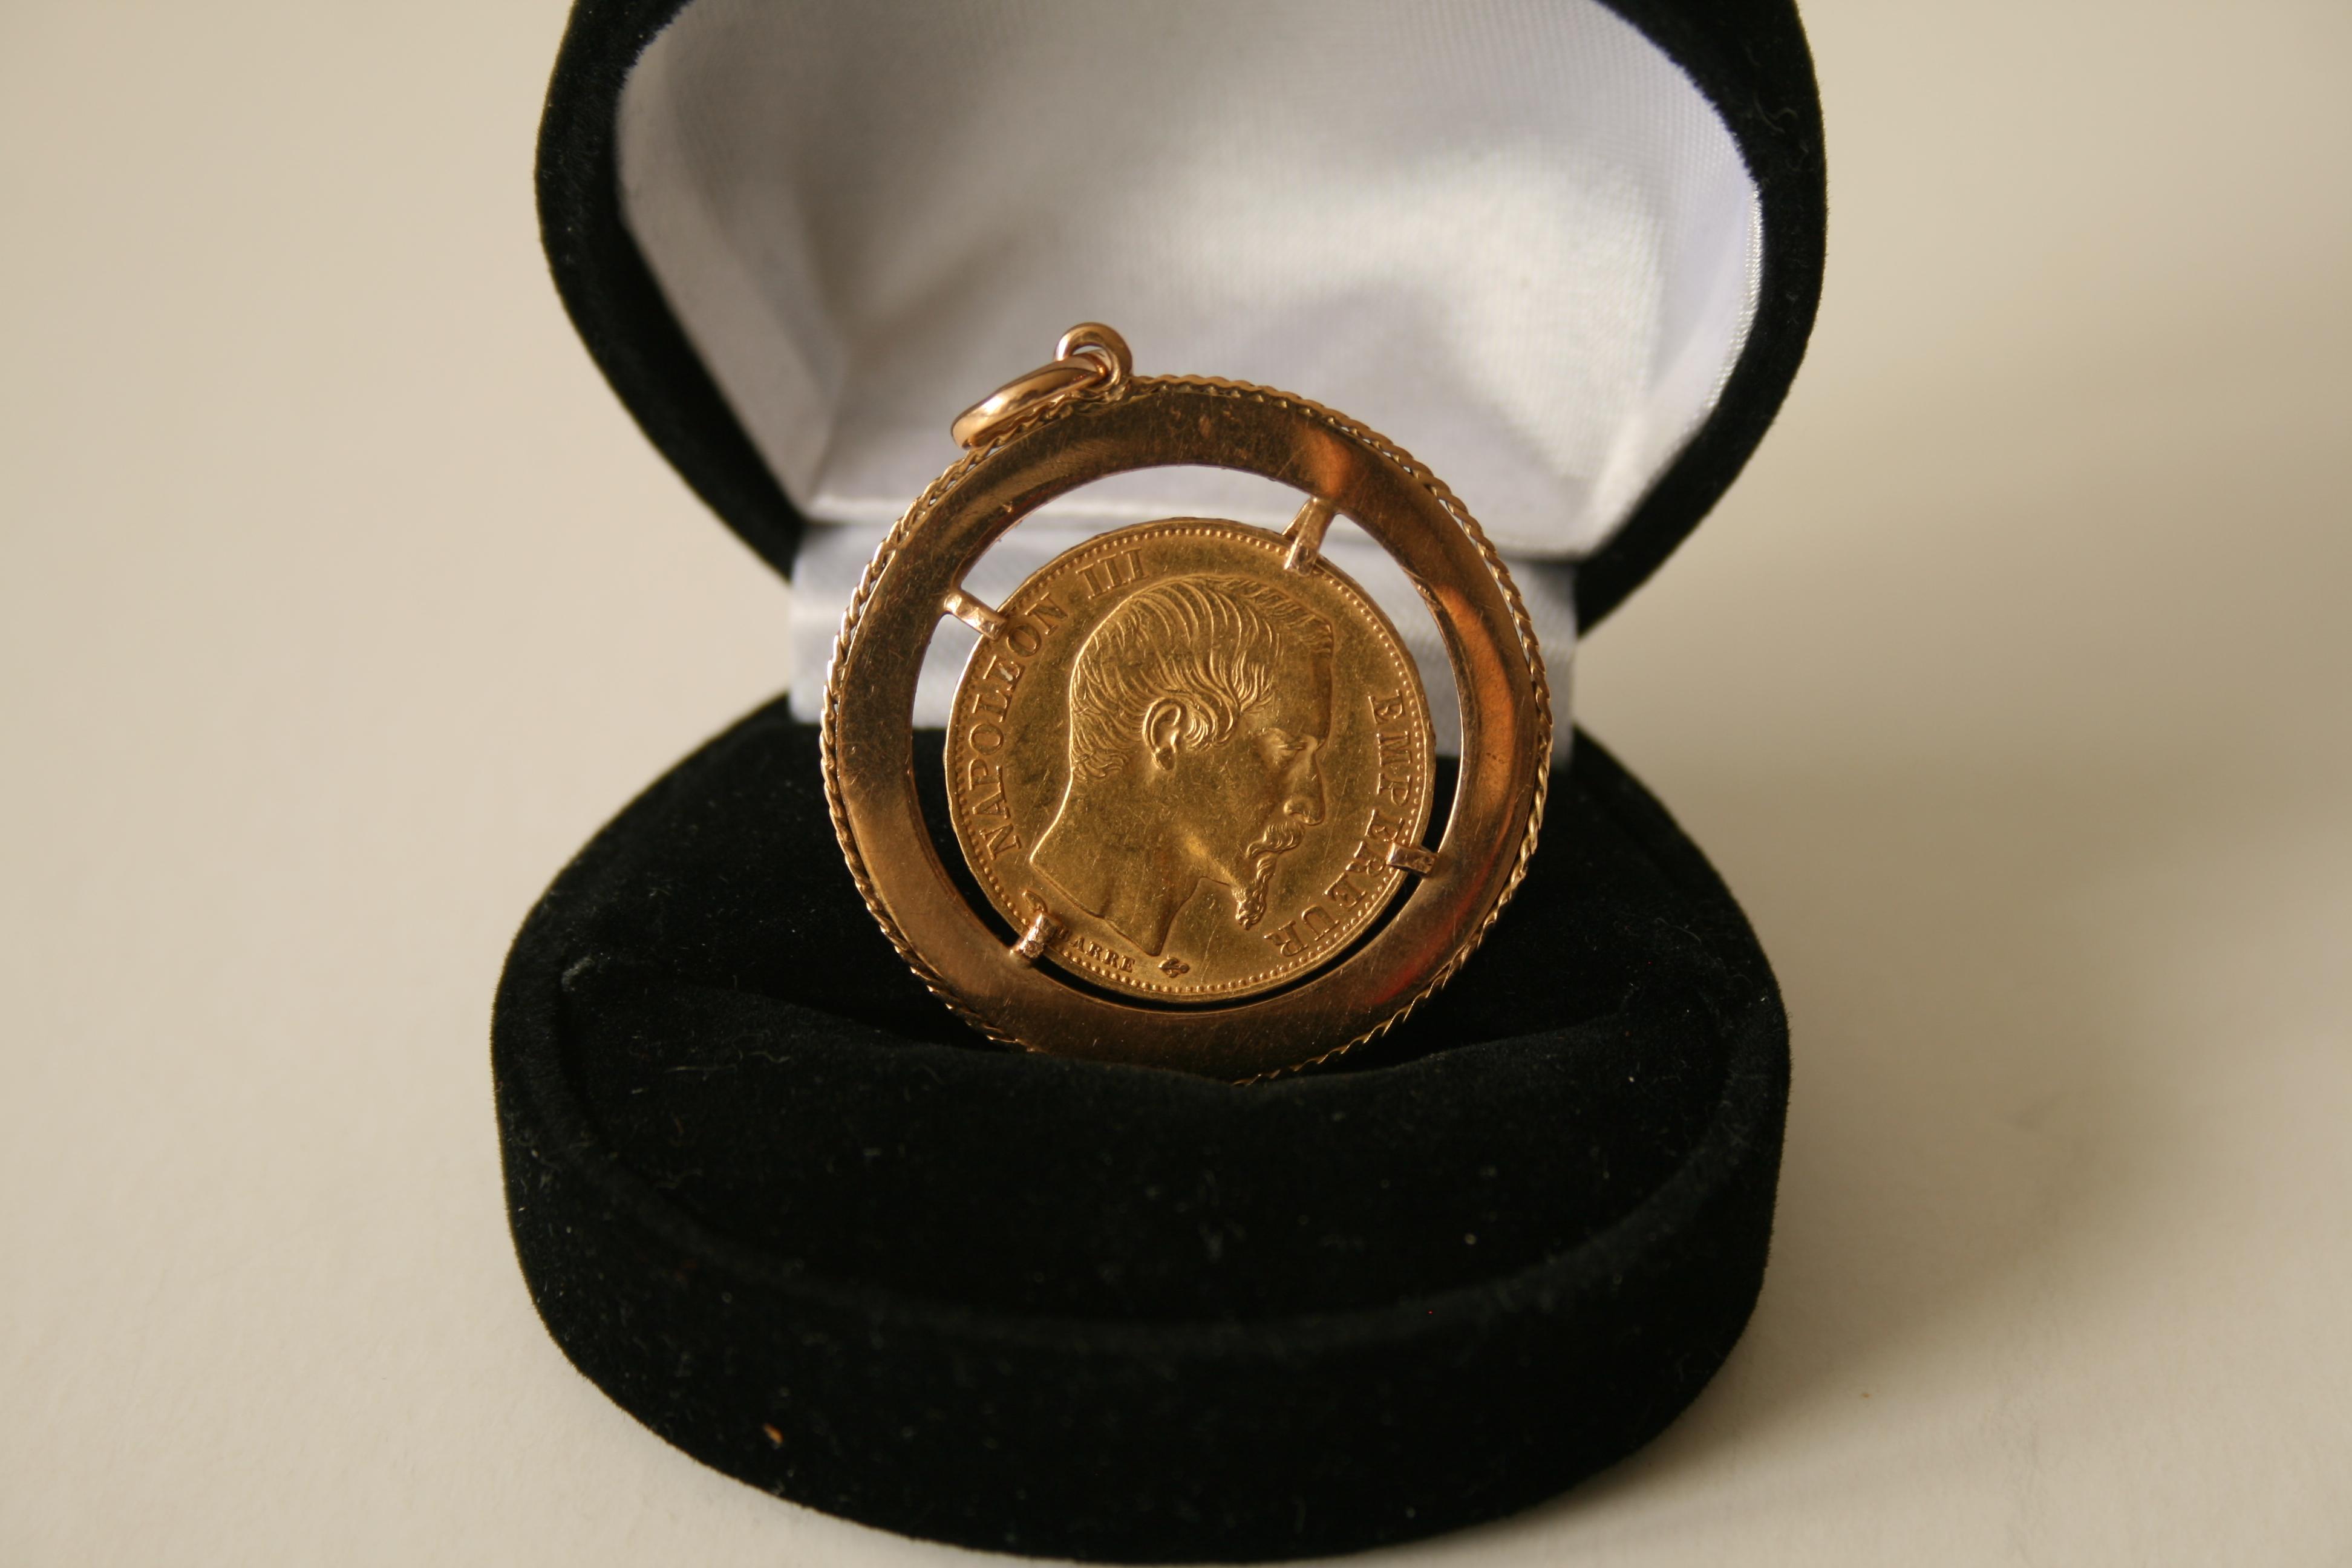 """Lot 11 - Pendentif en or 750 constitué d'une pièce de 20 francs """"Empereur Napoléon III"""" de [...]"""